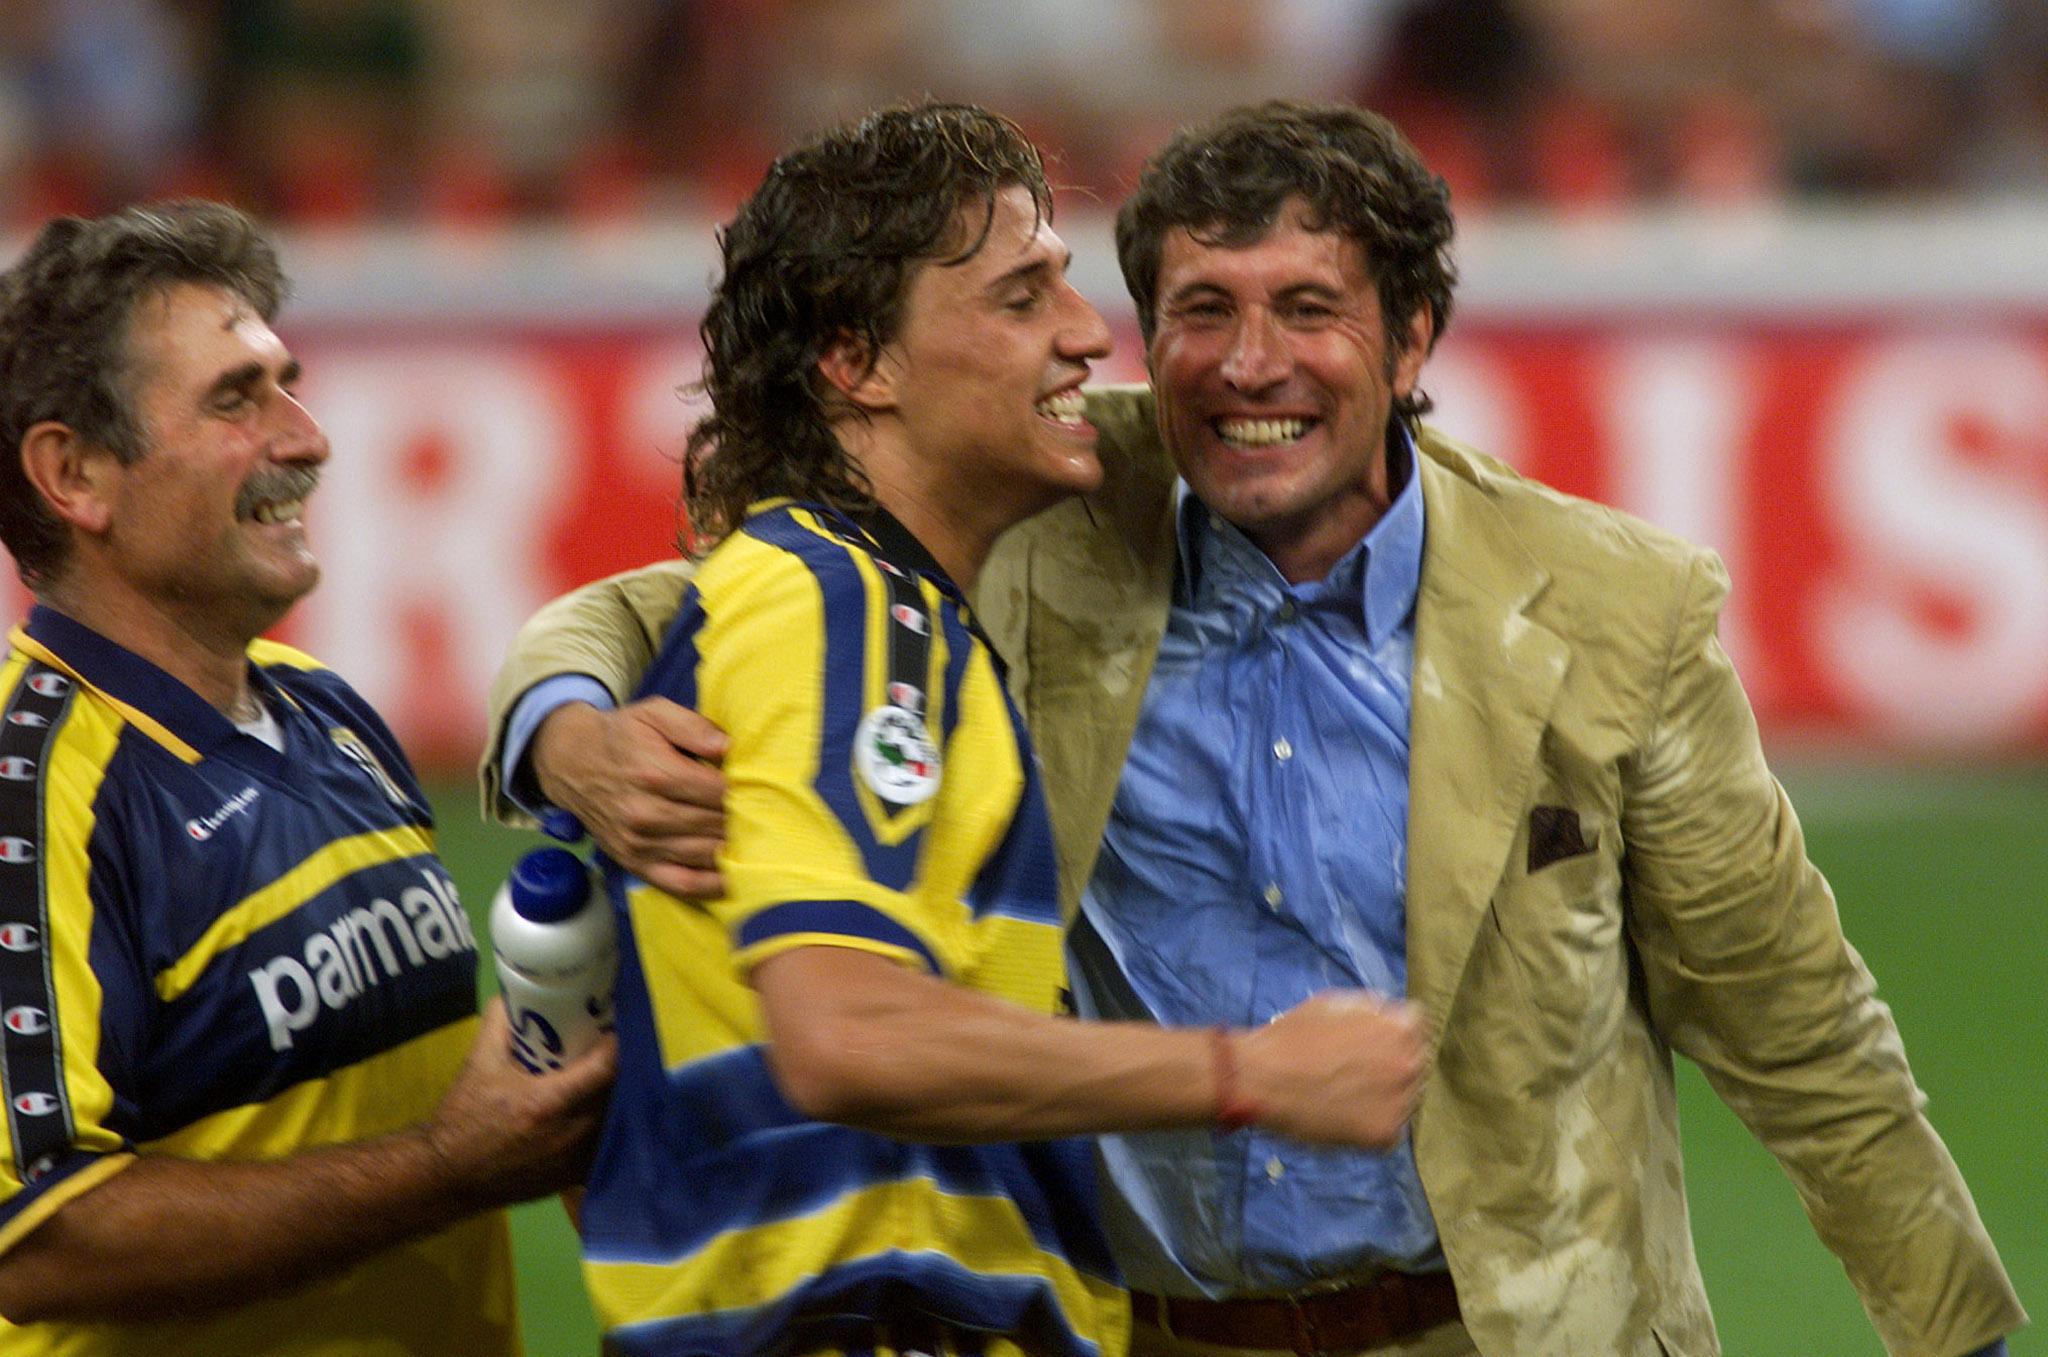 Calcio: da Van Basten a Tevez, riecco emozioni Supercoppa / SPECIALE